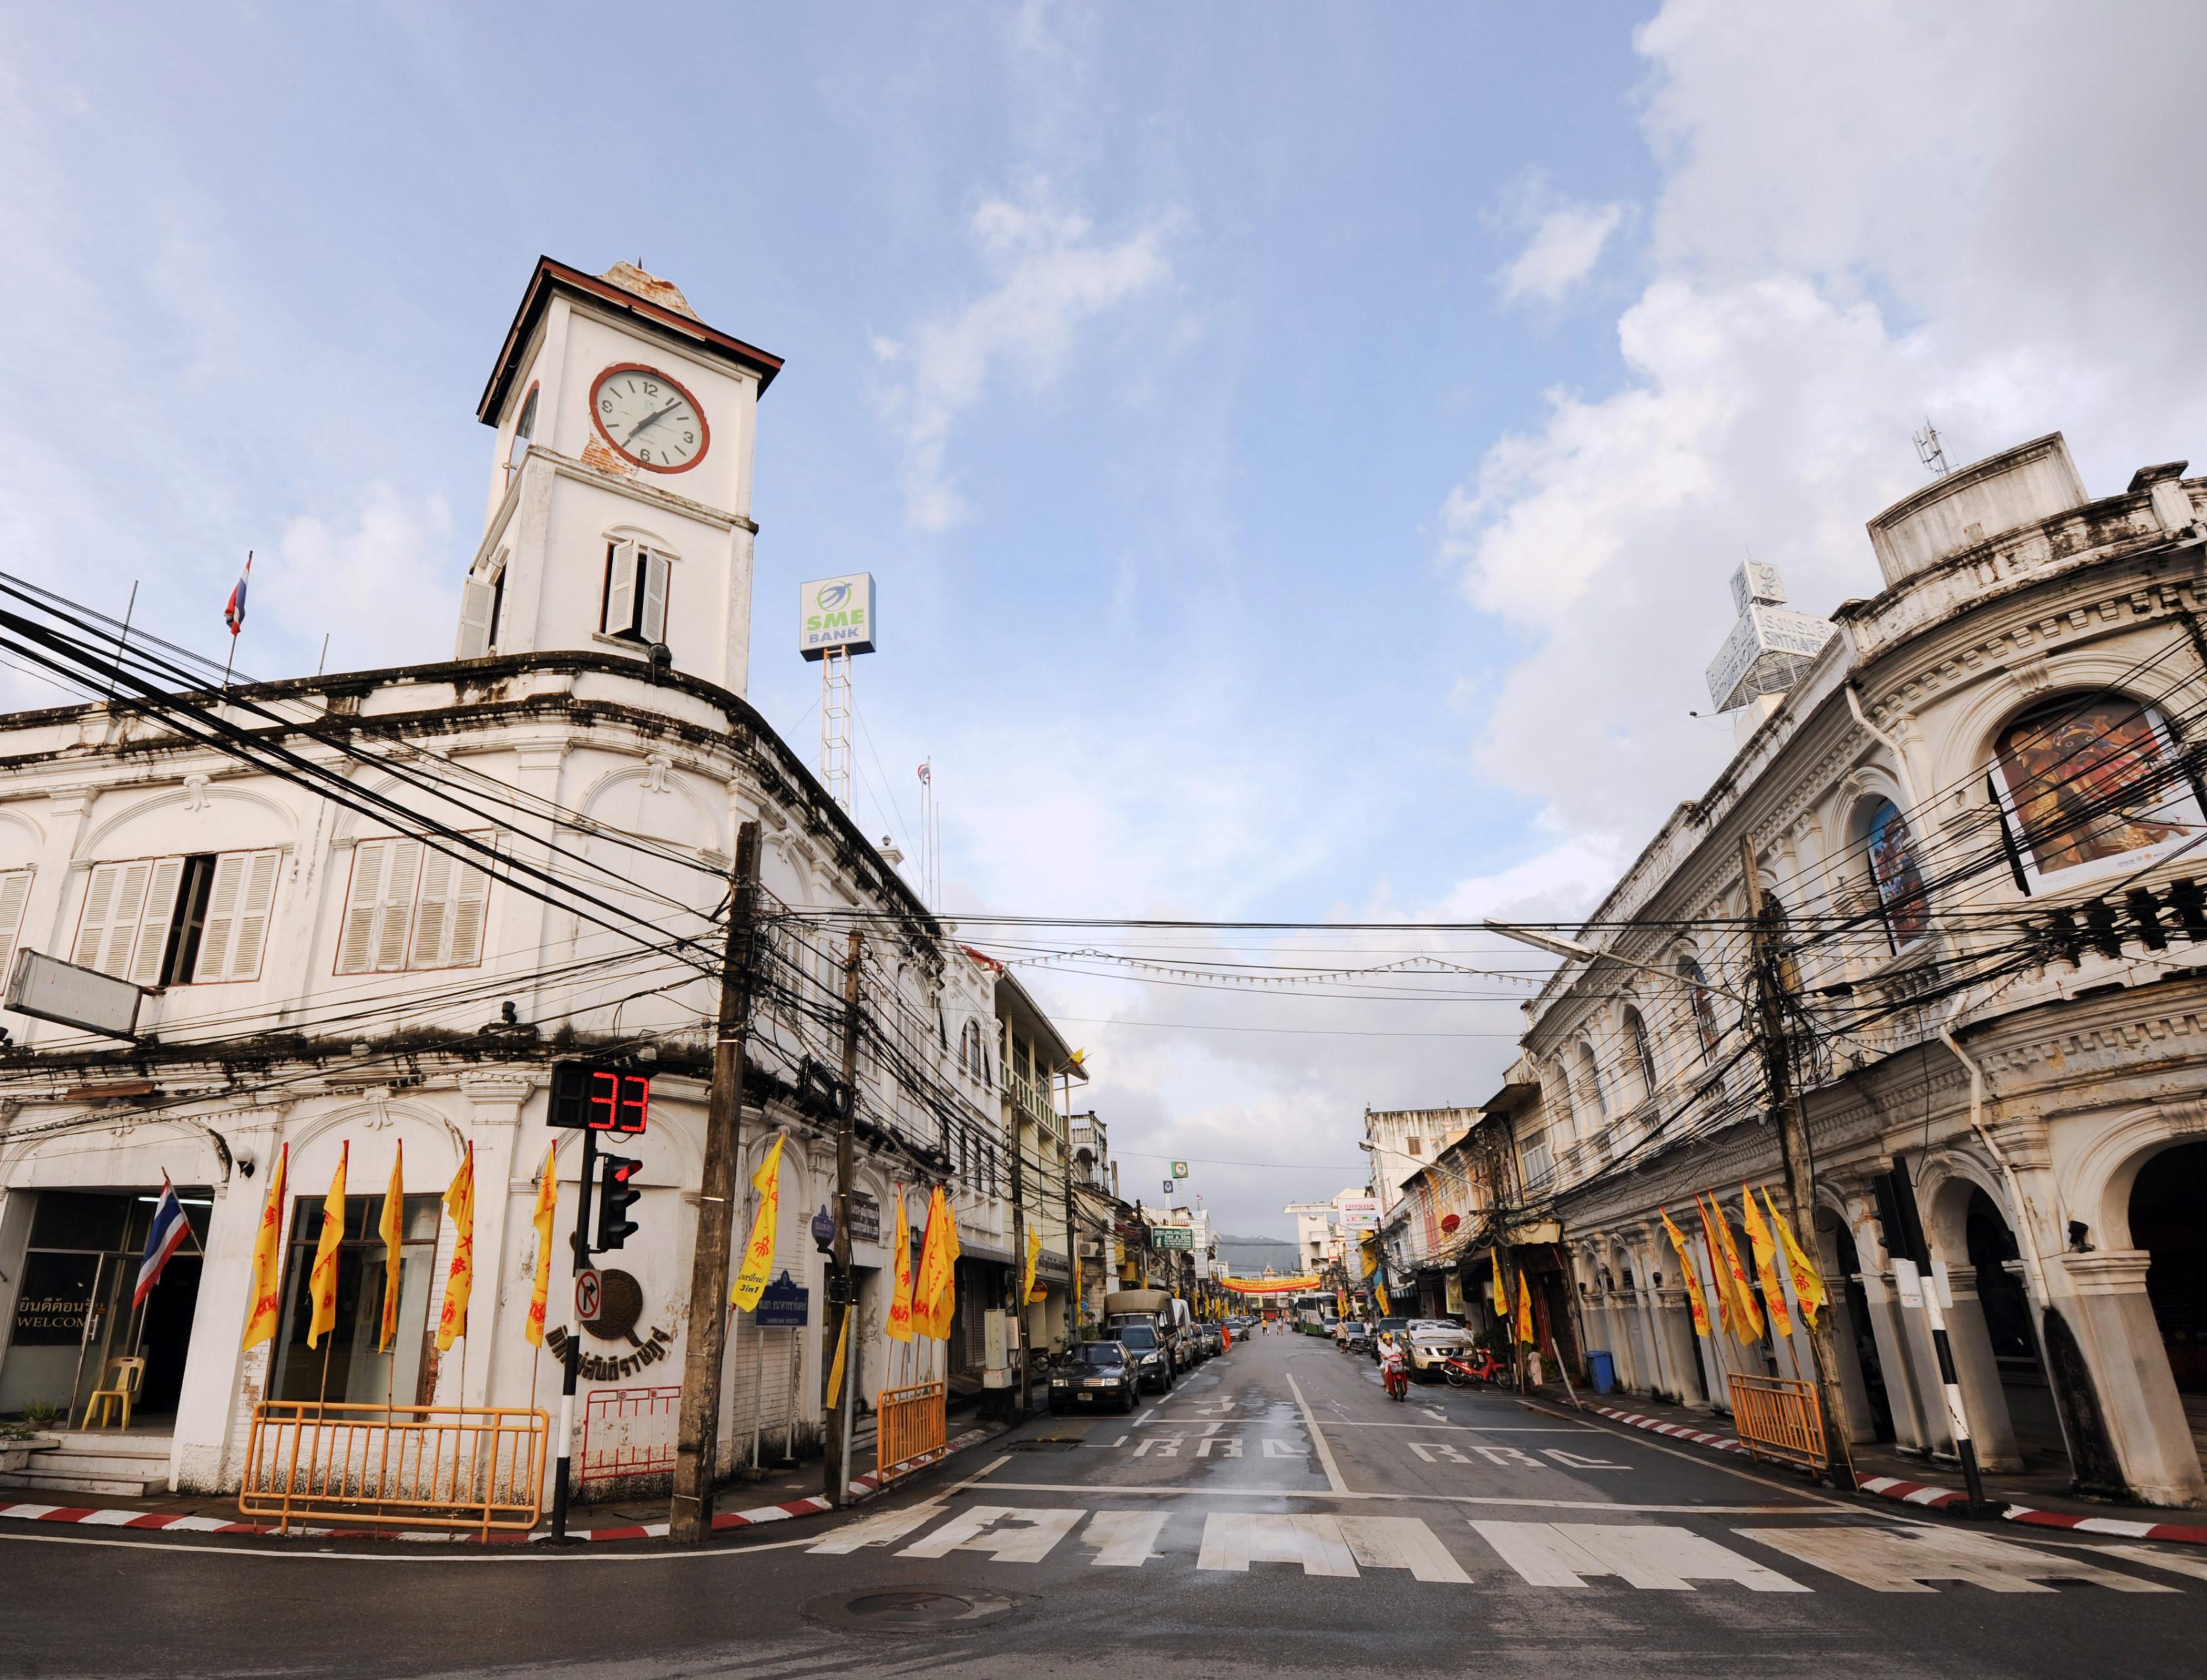 Phuket OldTown